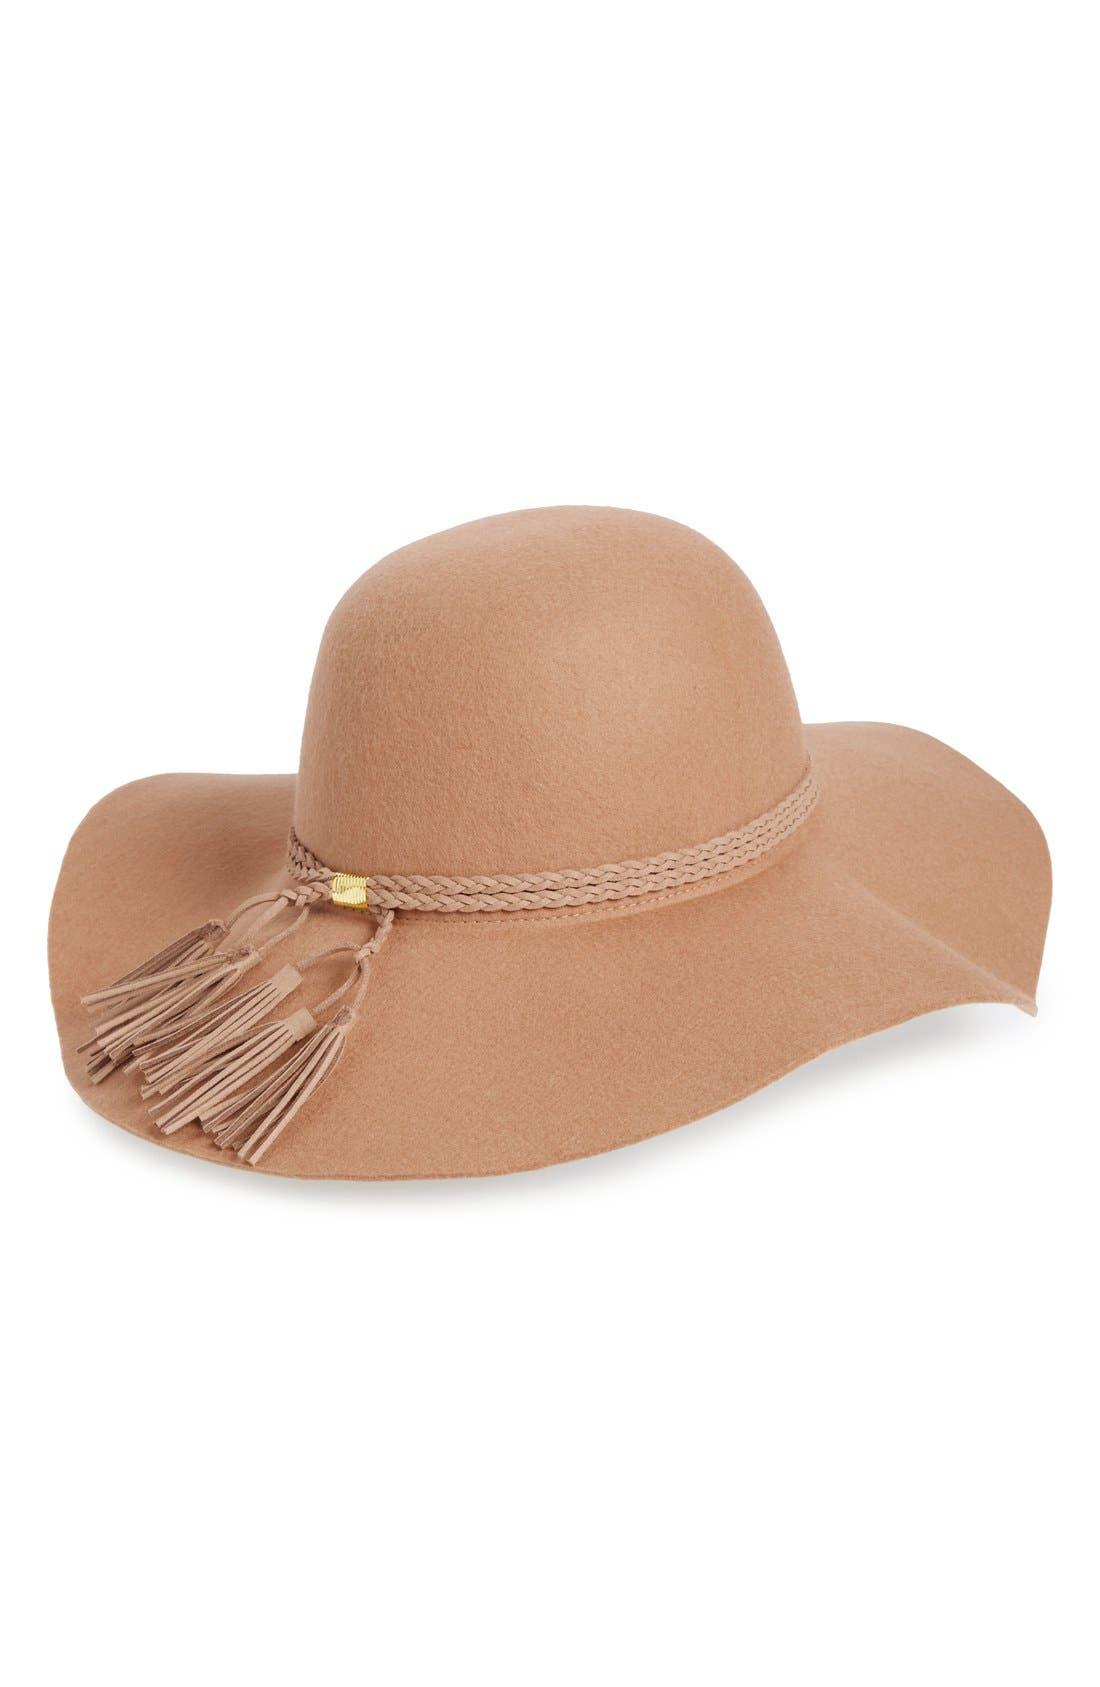 Main Image - BP. Tassel Floppy Wool Hat